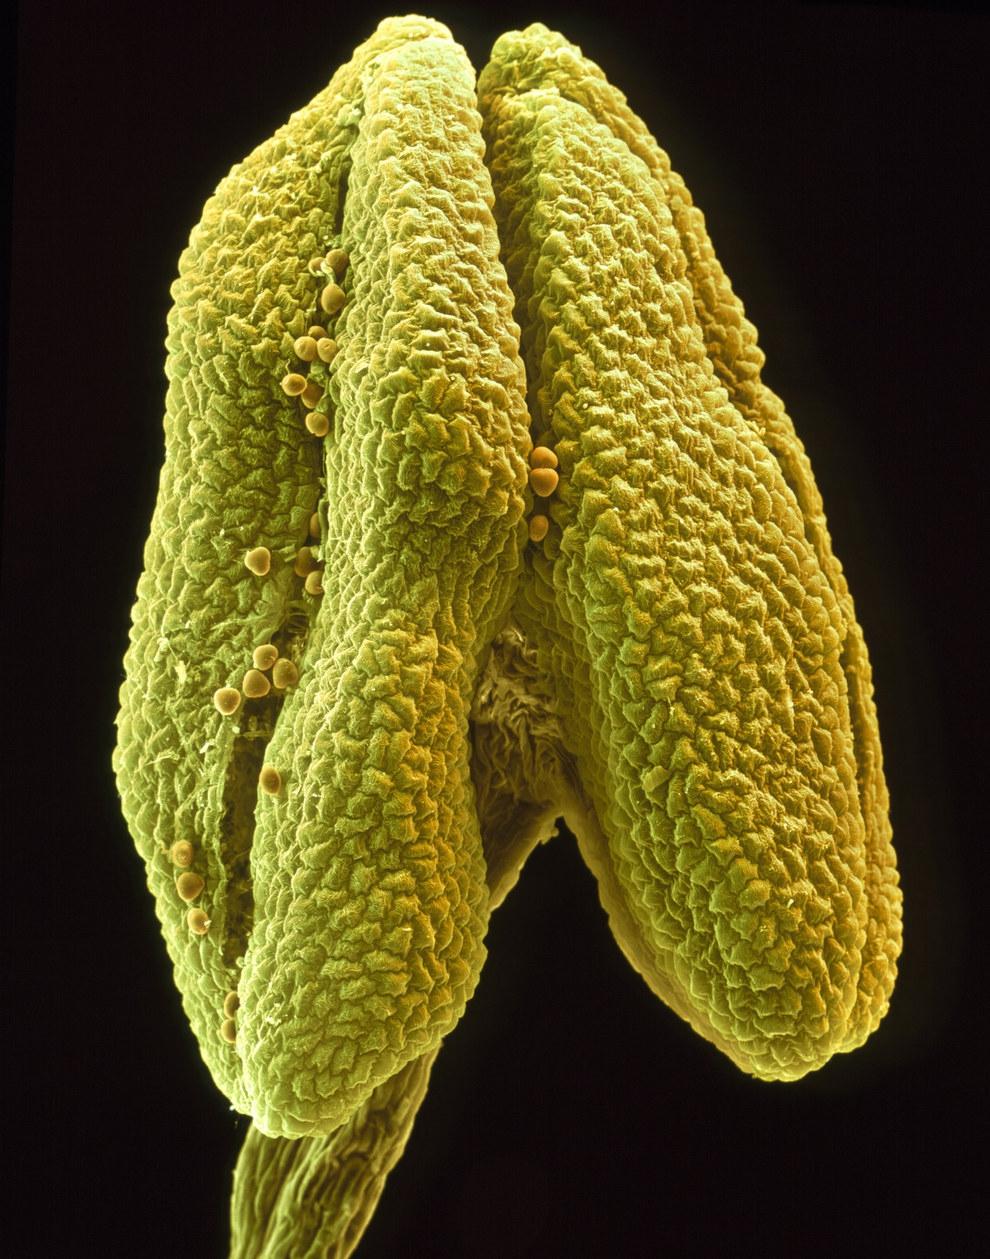 Цветы под микроскопом под микроскопом, цветы